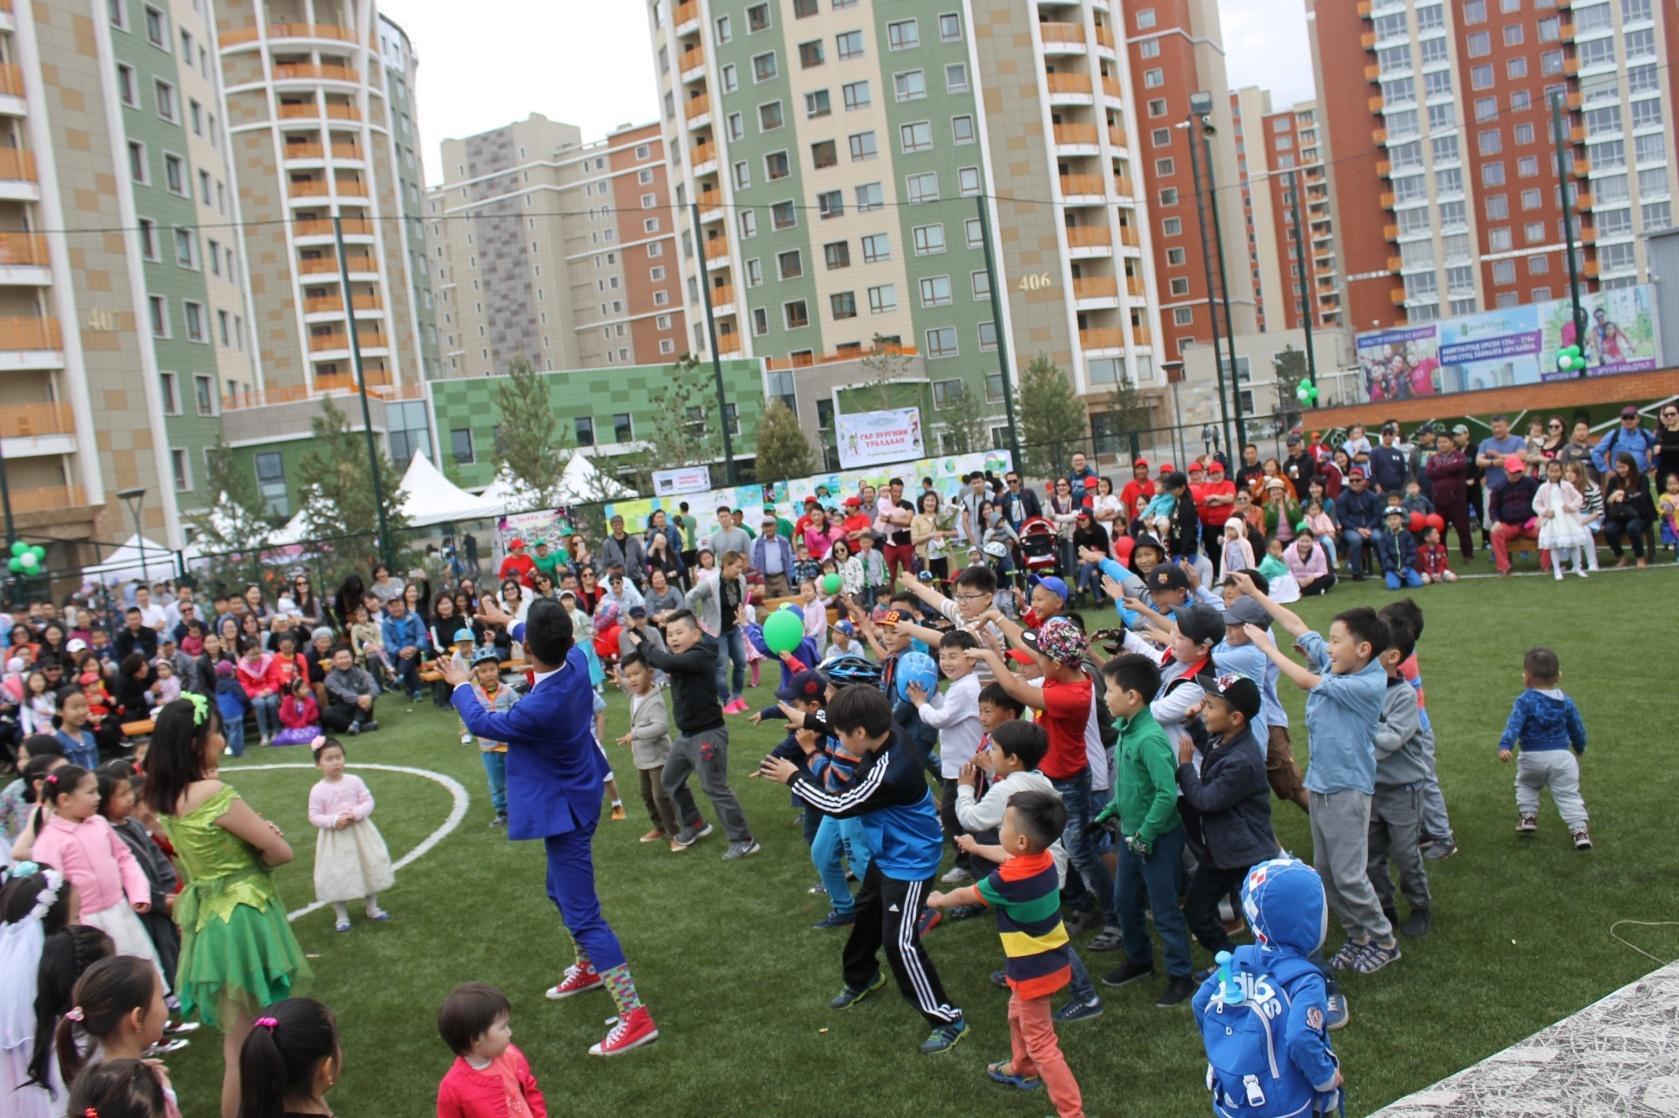 River Garden Time Square СӨХ хүүхдийн баярын арга хэмжээ